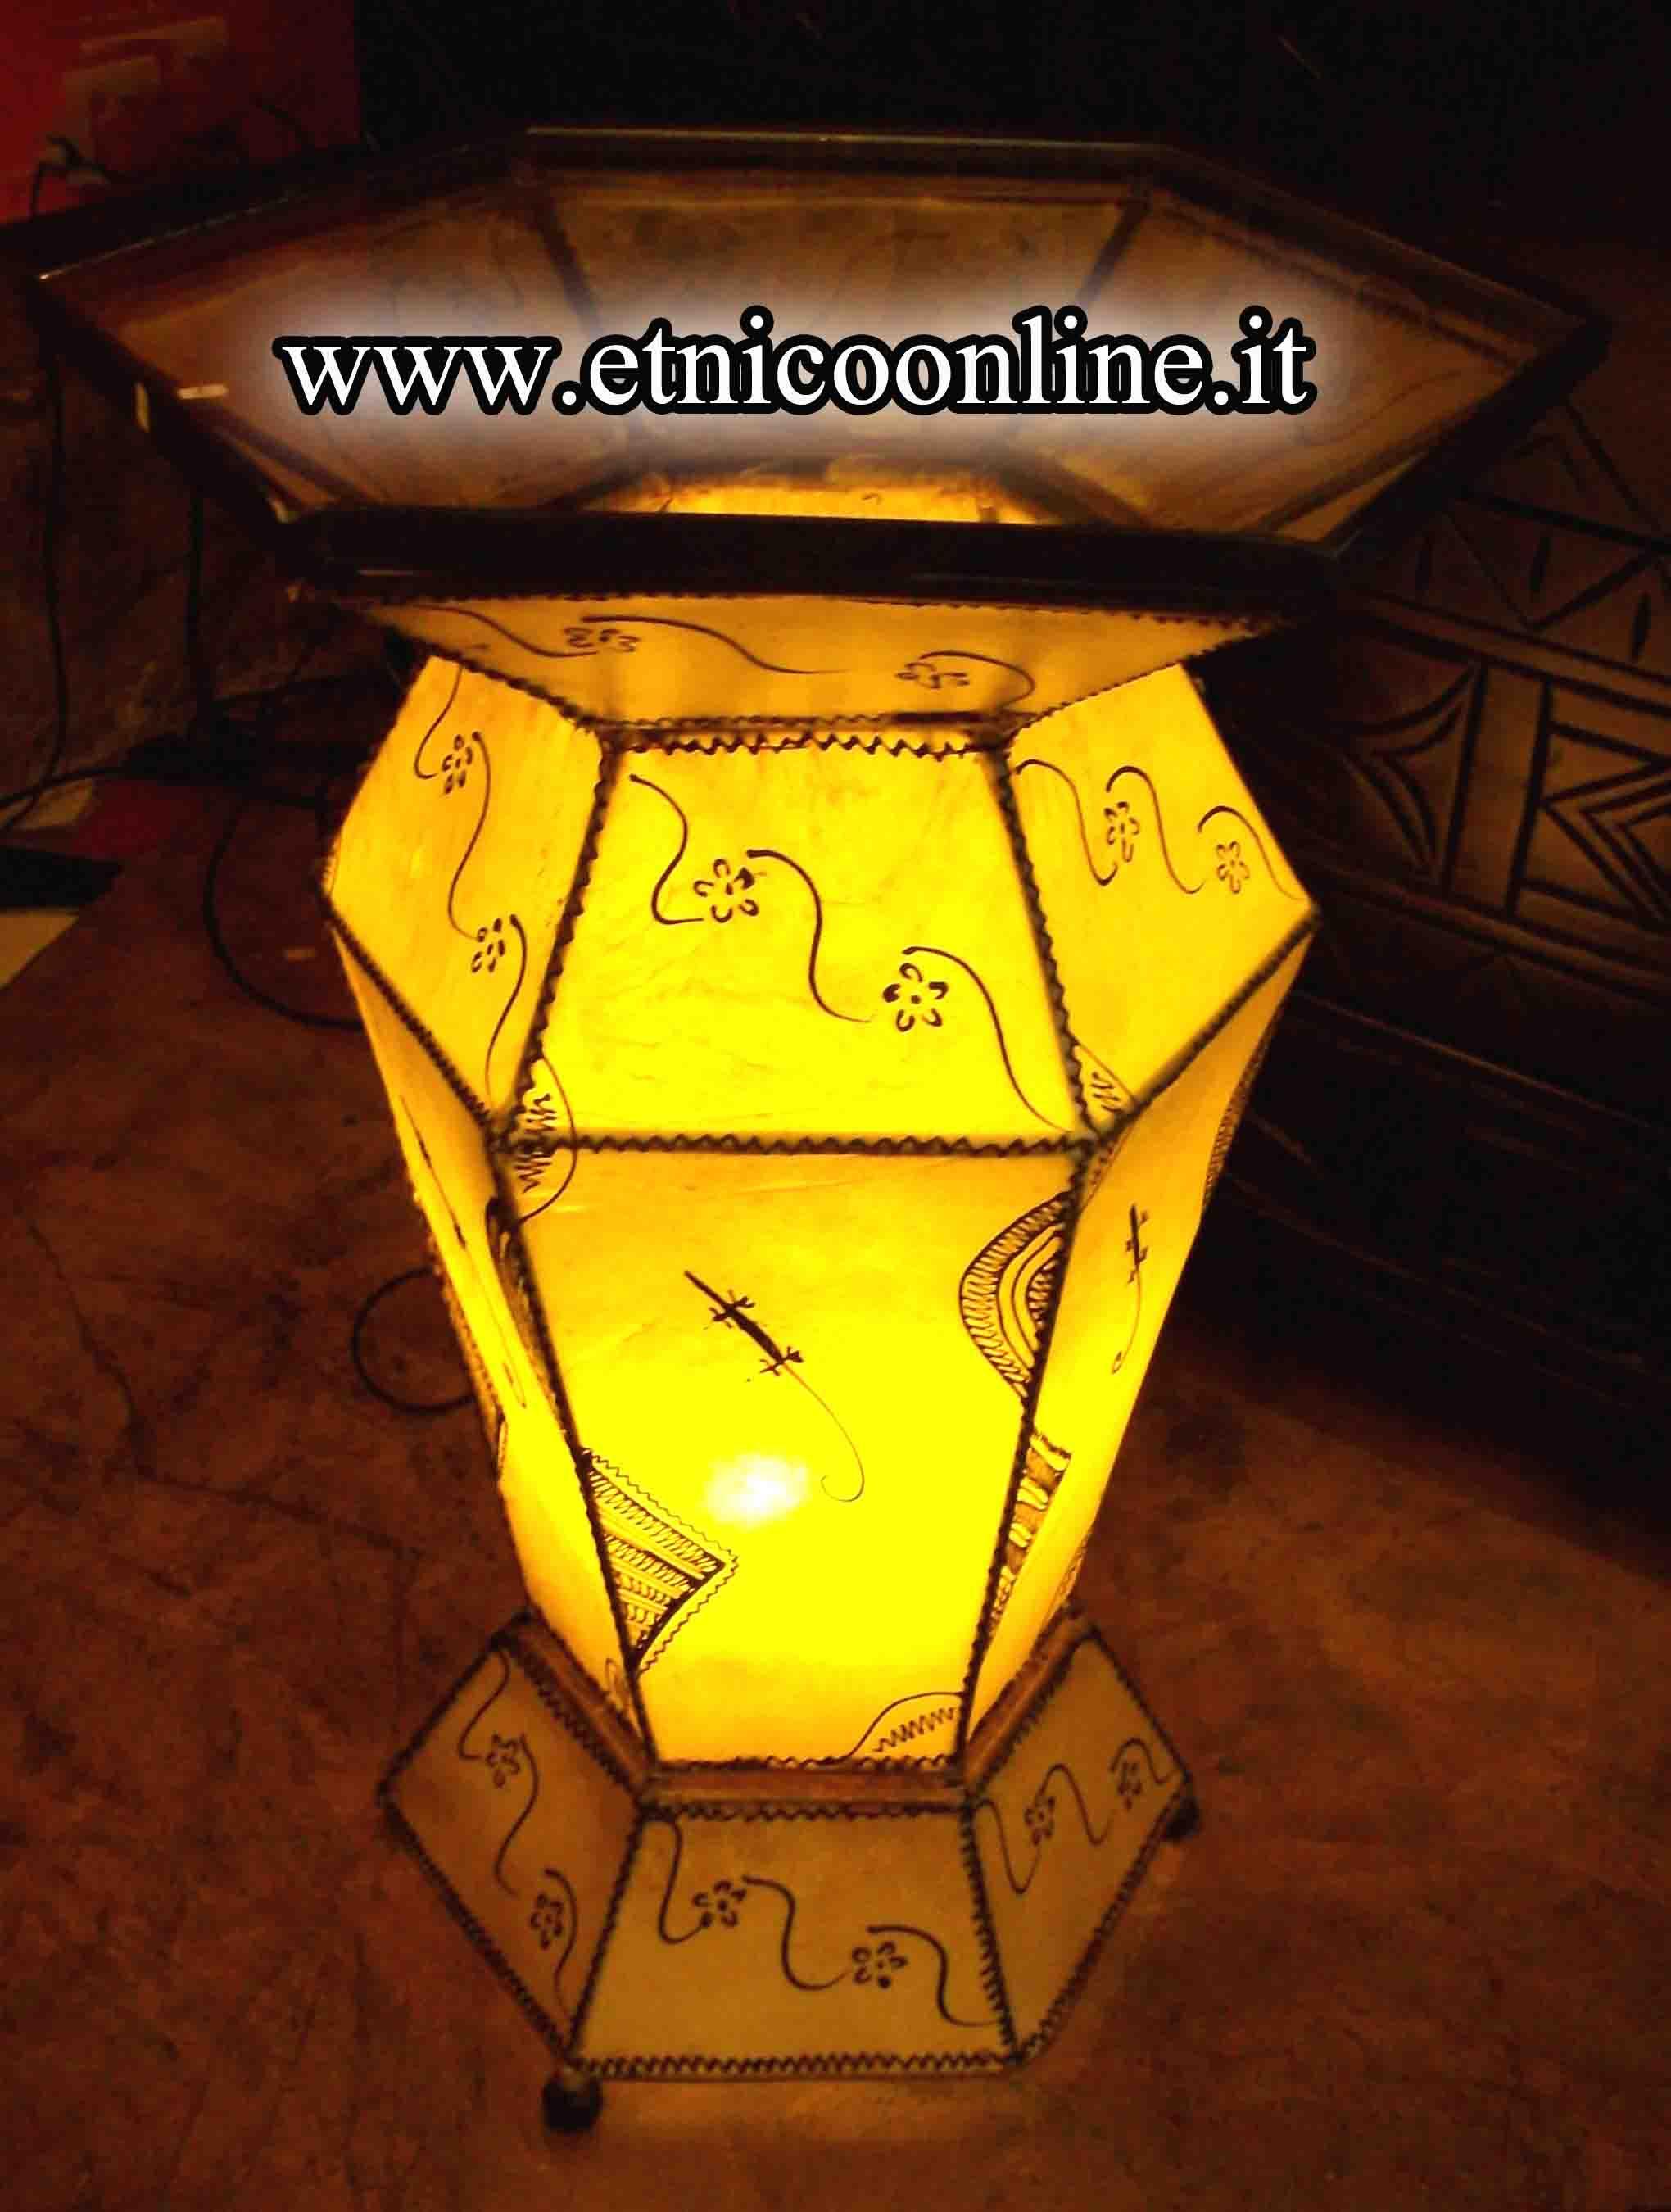 Lampade Etniche Da Terra: Atelier - lampada da terra karman marchi ...